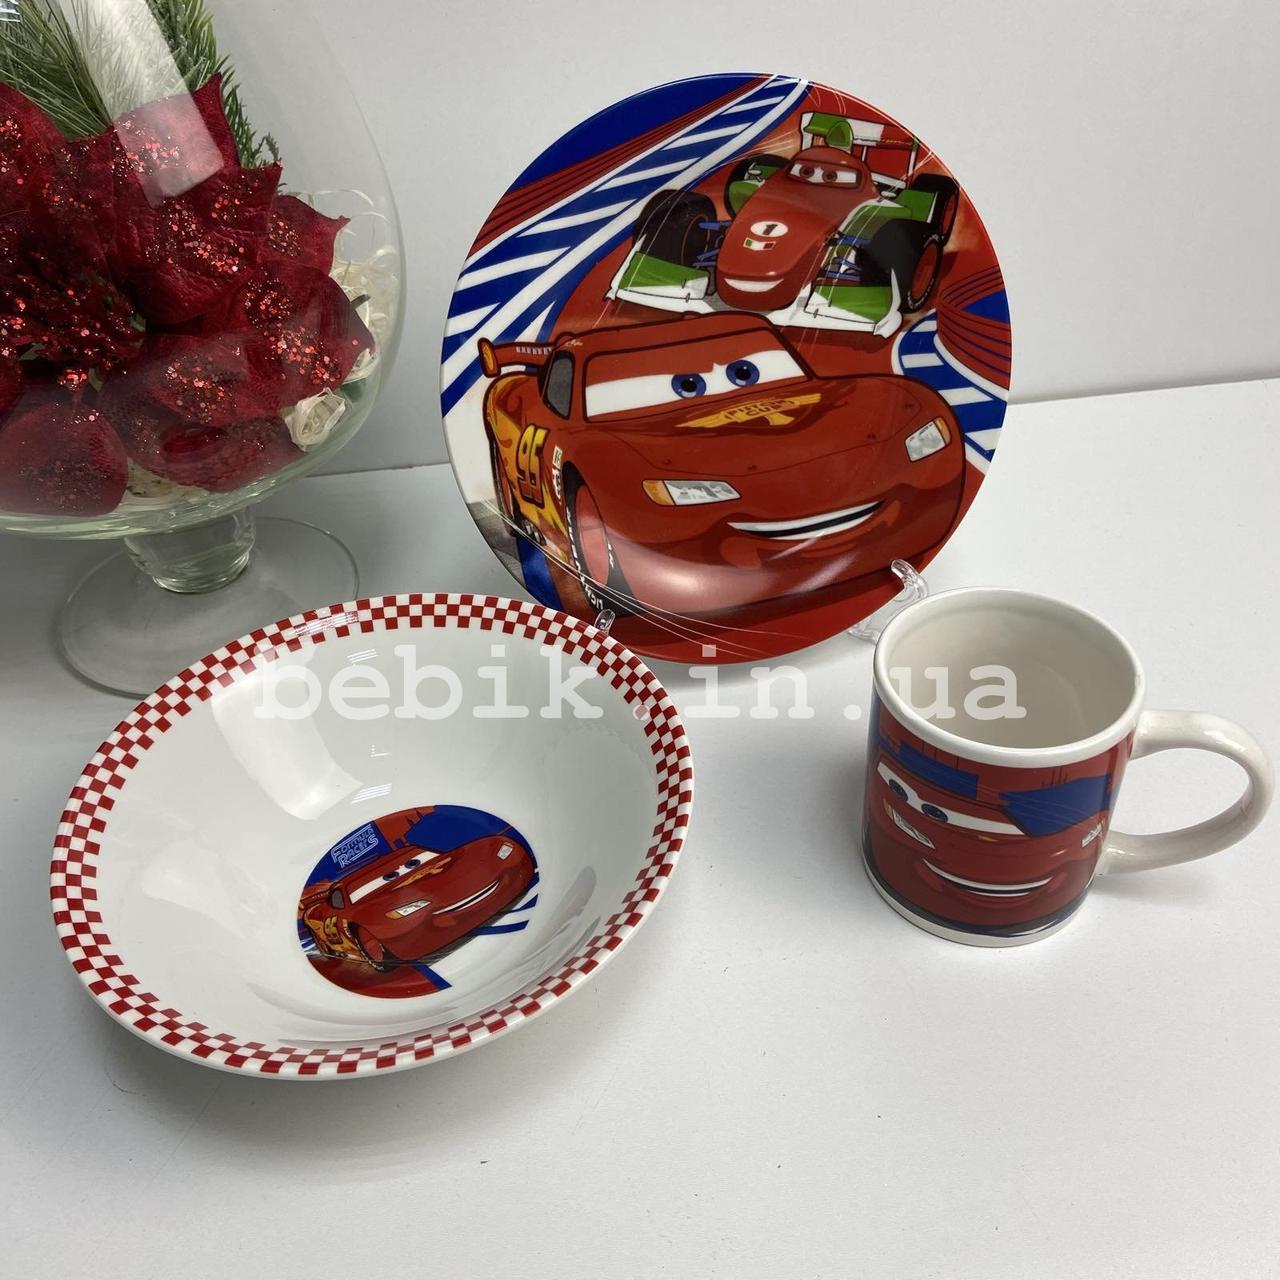 Керамический набор посуды для детей Тачки